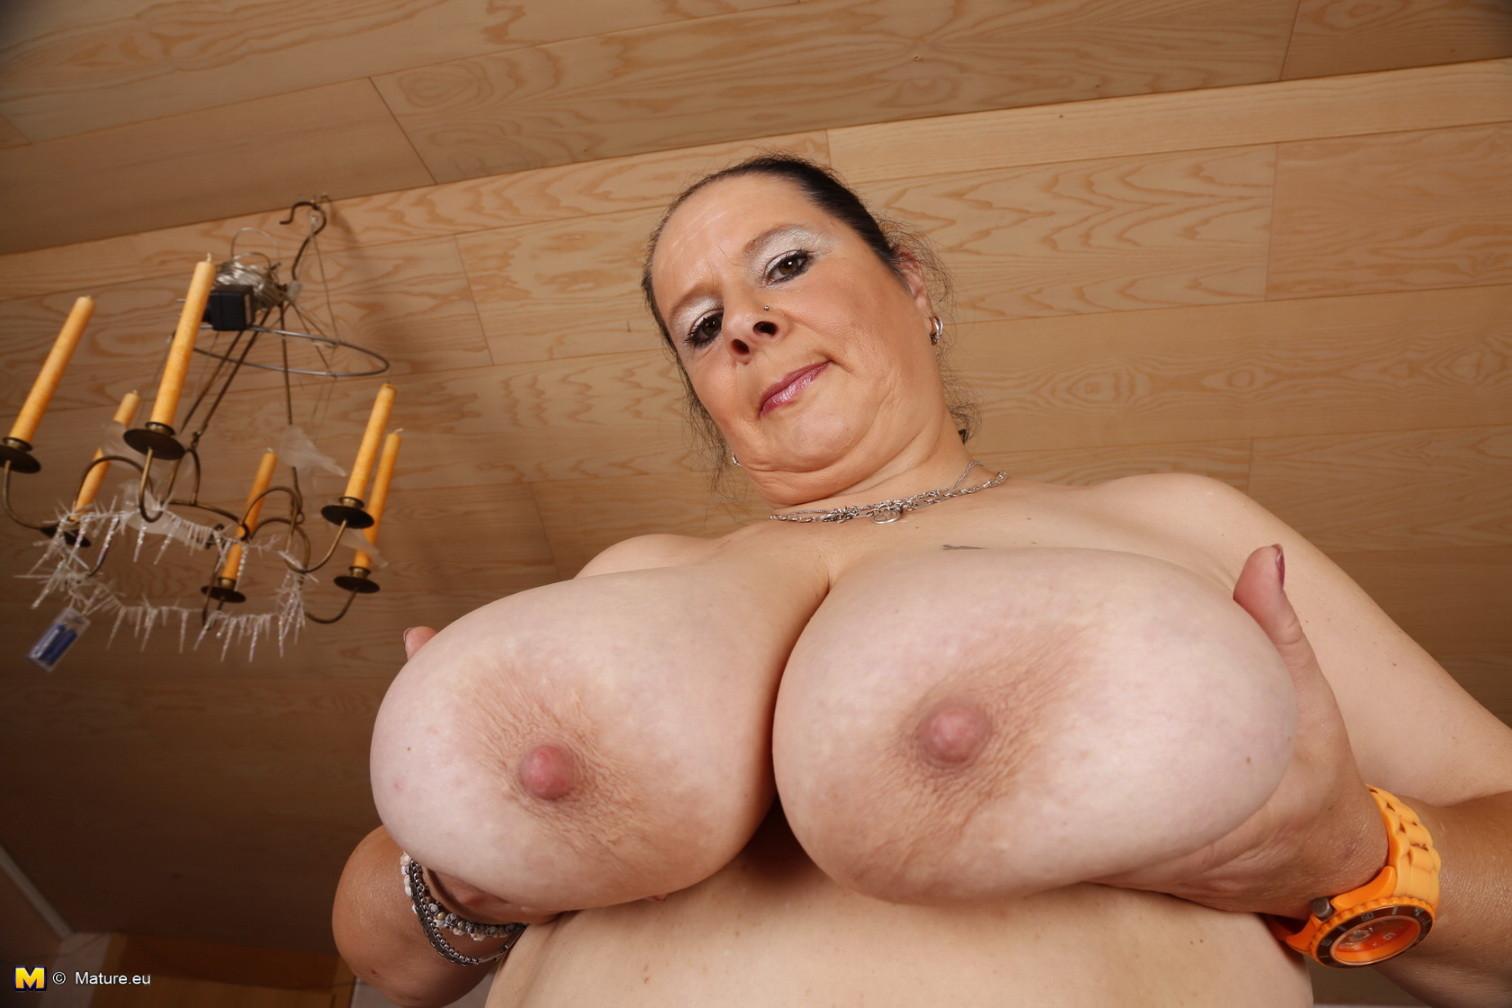 Анной большие сиськи у старых женщин видео